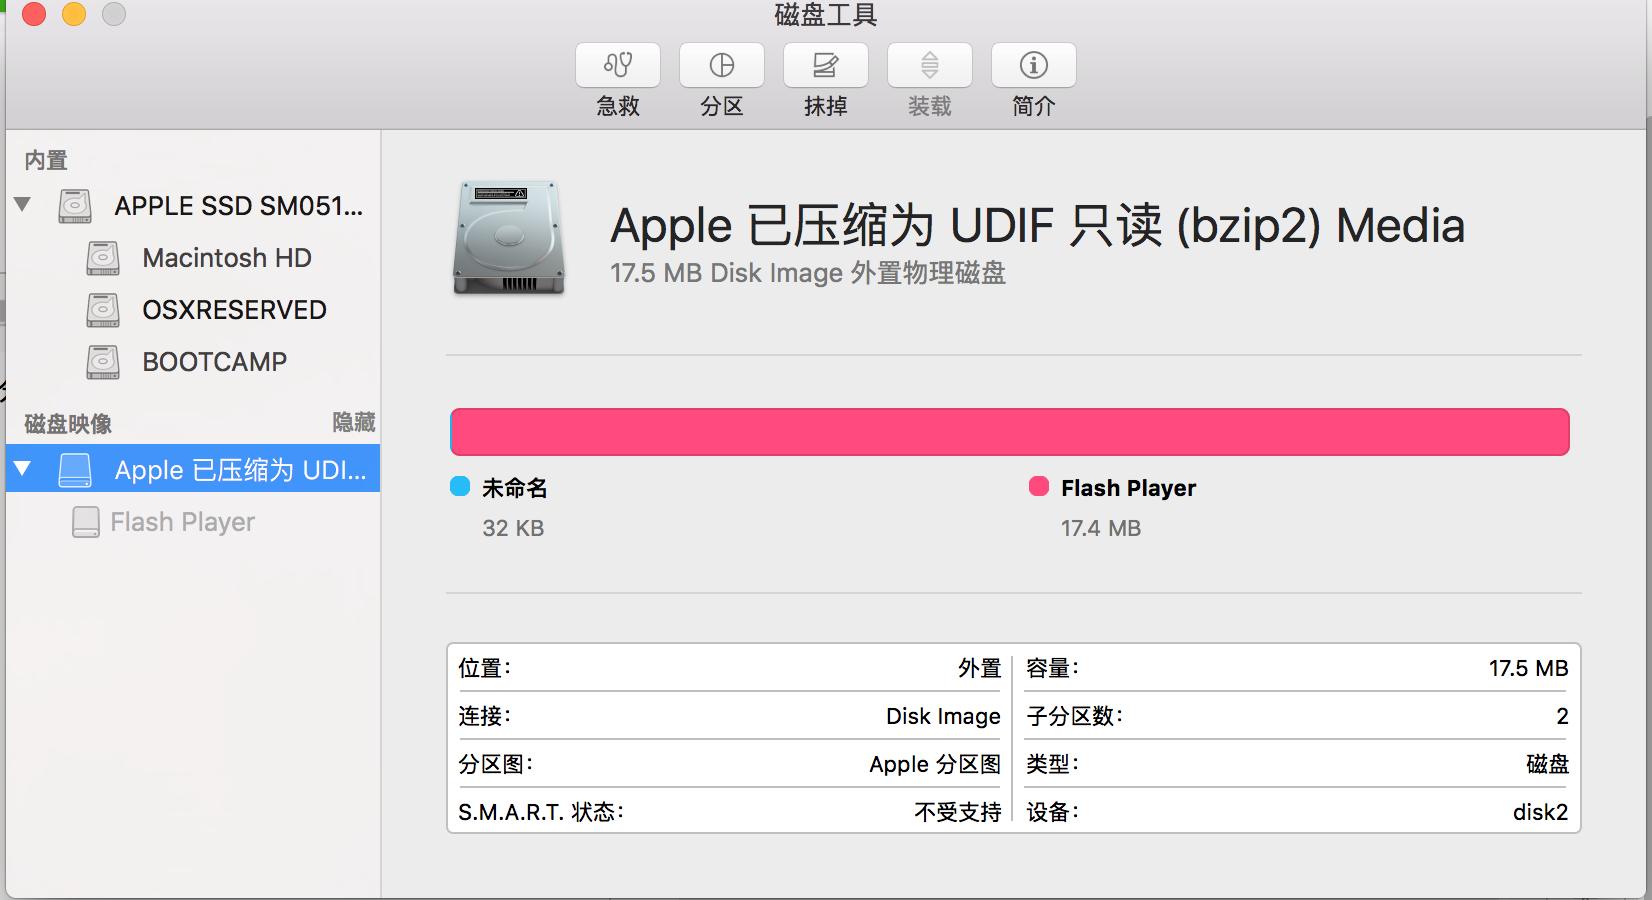 识别苹果mac教程无法解决u盘系统舞双人手图片